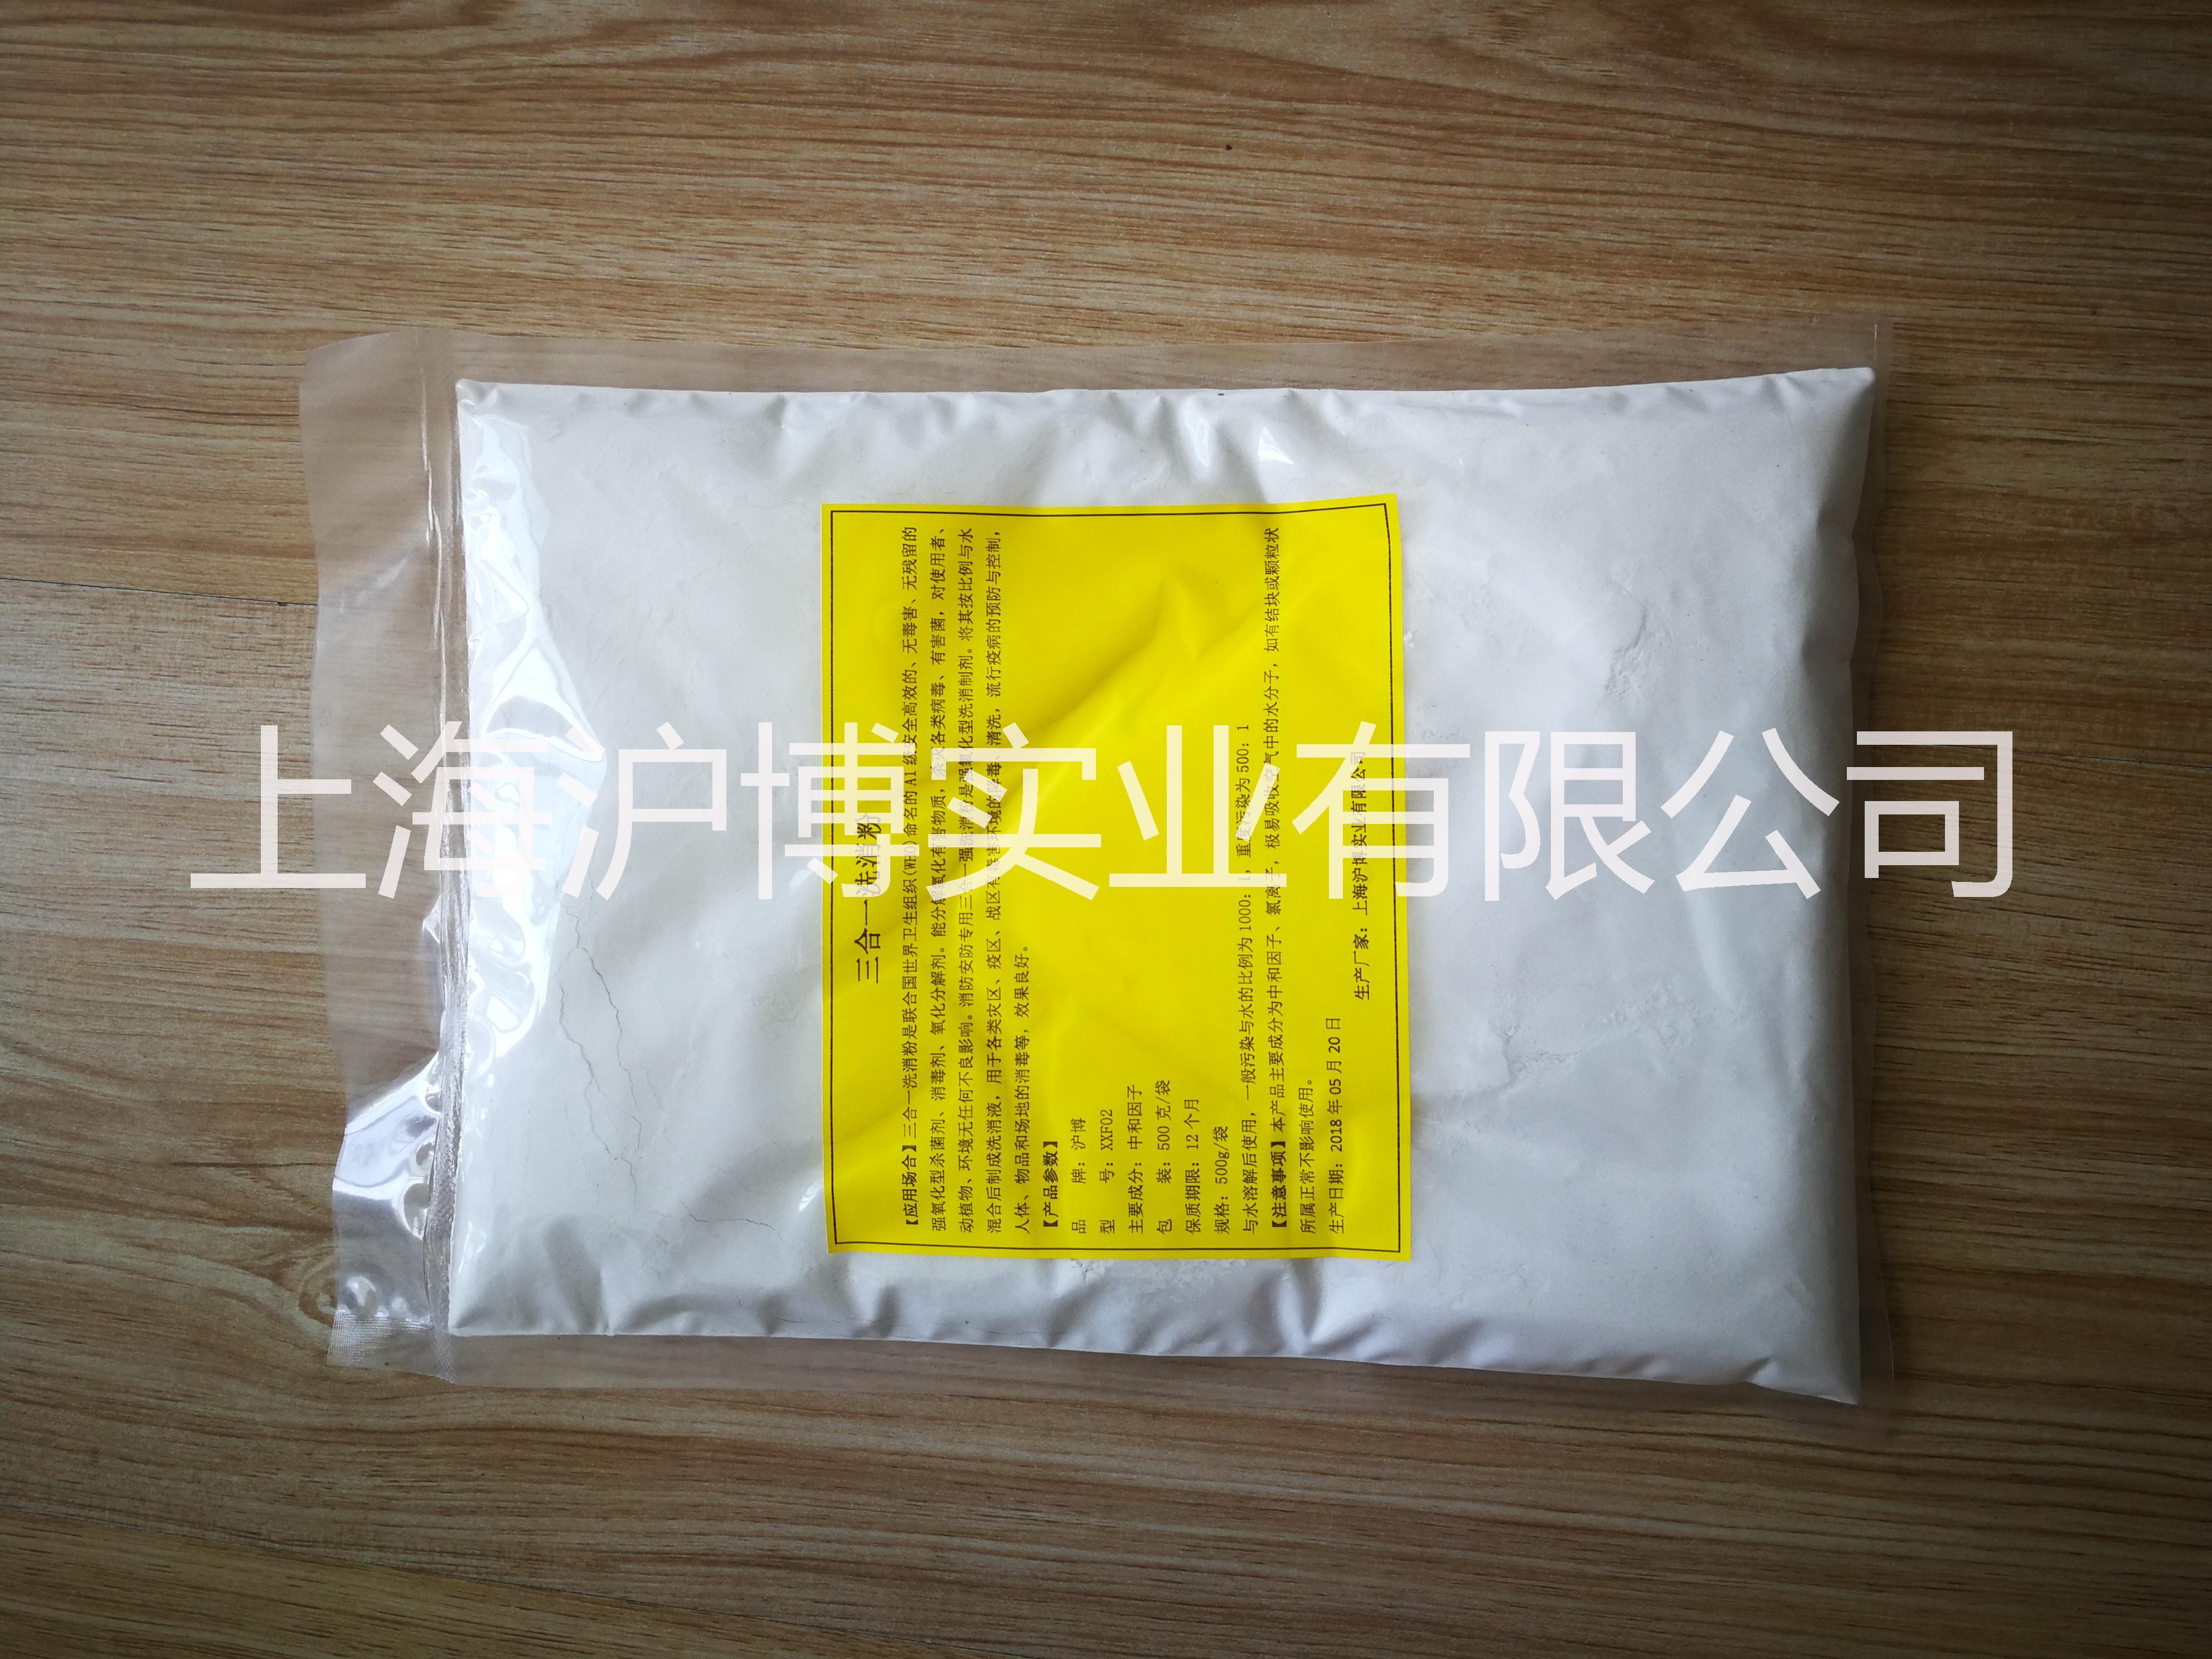 洗消粉,三合一强氧化洗消粉   上海沪博实业专业供应 洗消粉三合一强氧化洗消粉消毒粉